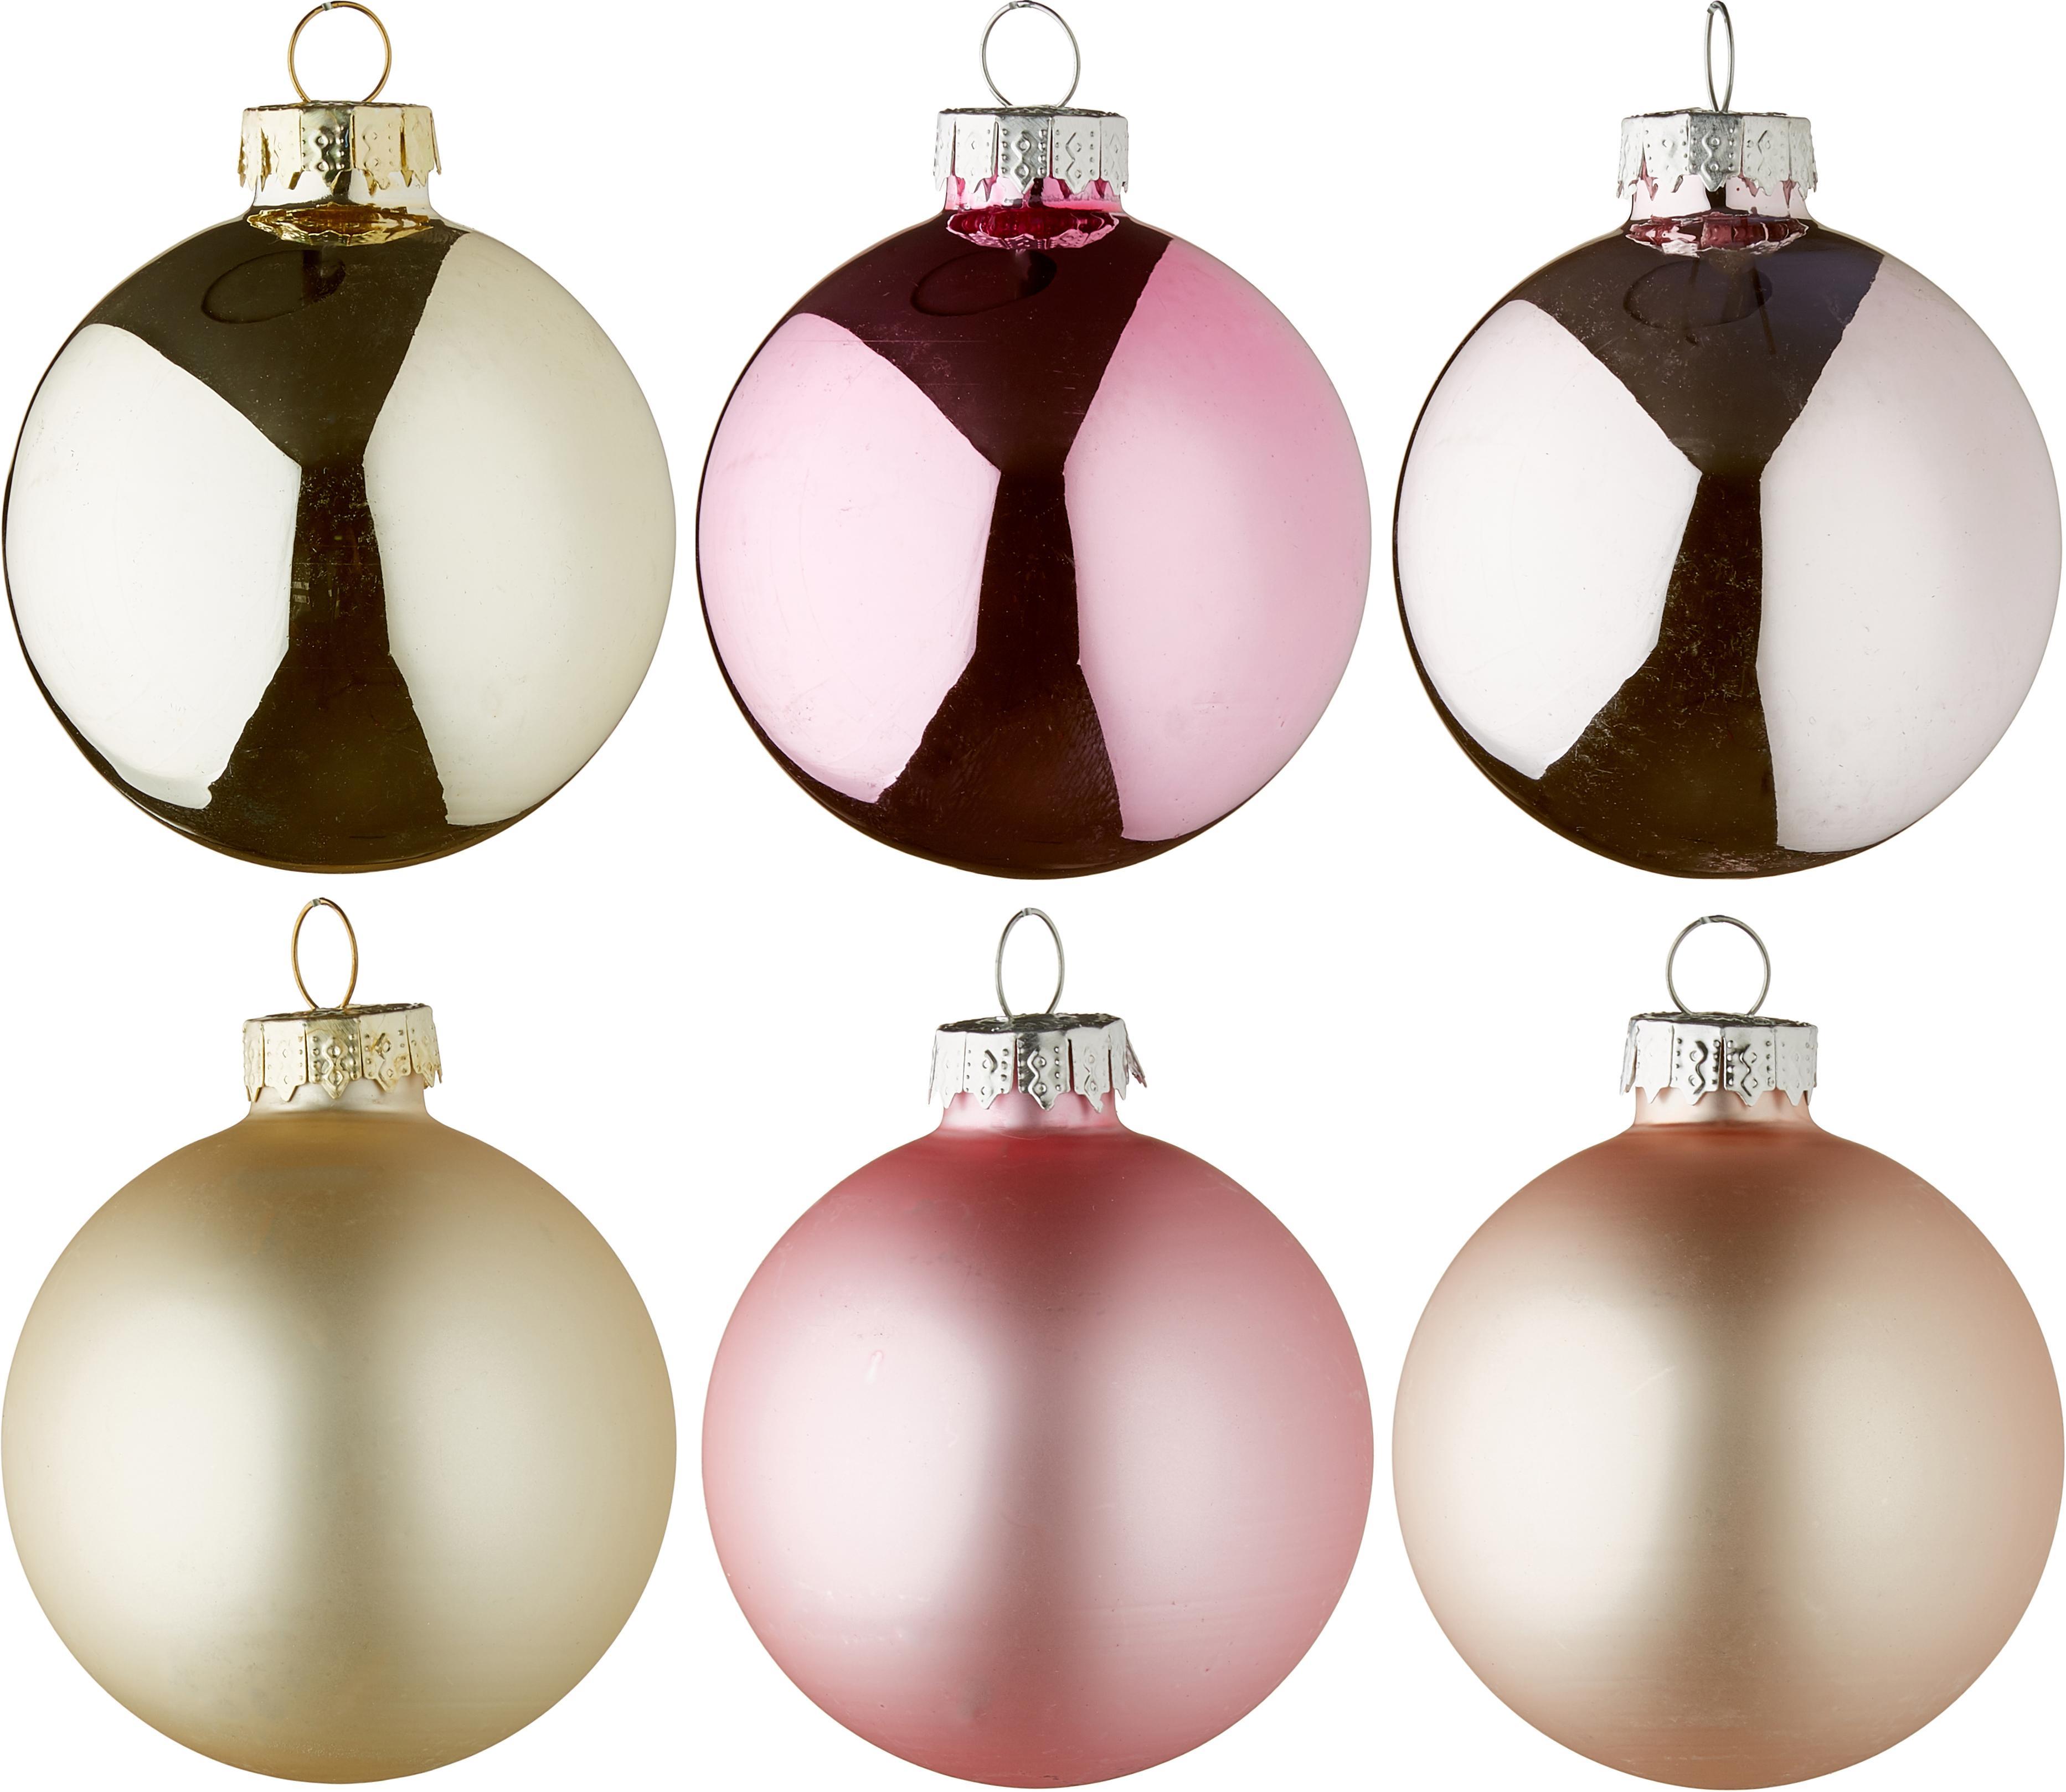 Weihnachtskugel-Set Lorene, 24 tlg., Champagnerfarben, Hellrosa, Rosa, matt und glänzend, Ø 6 cm